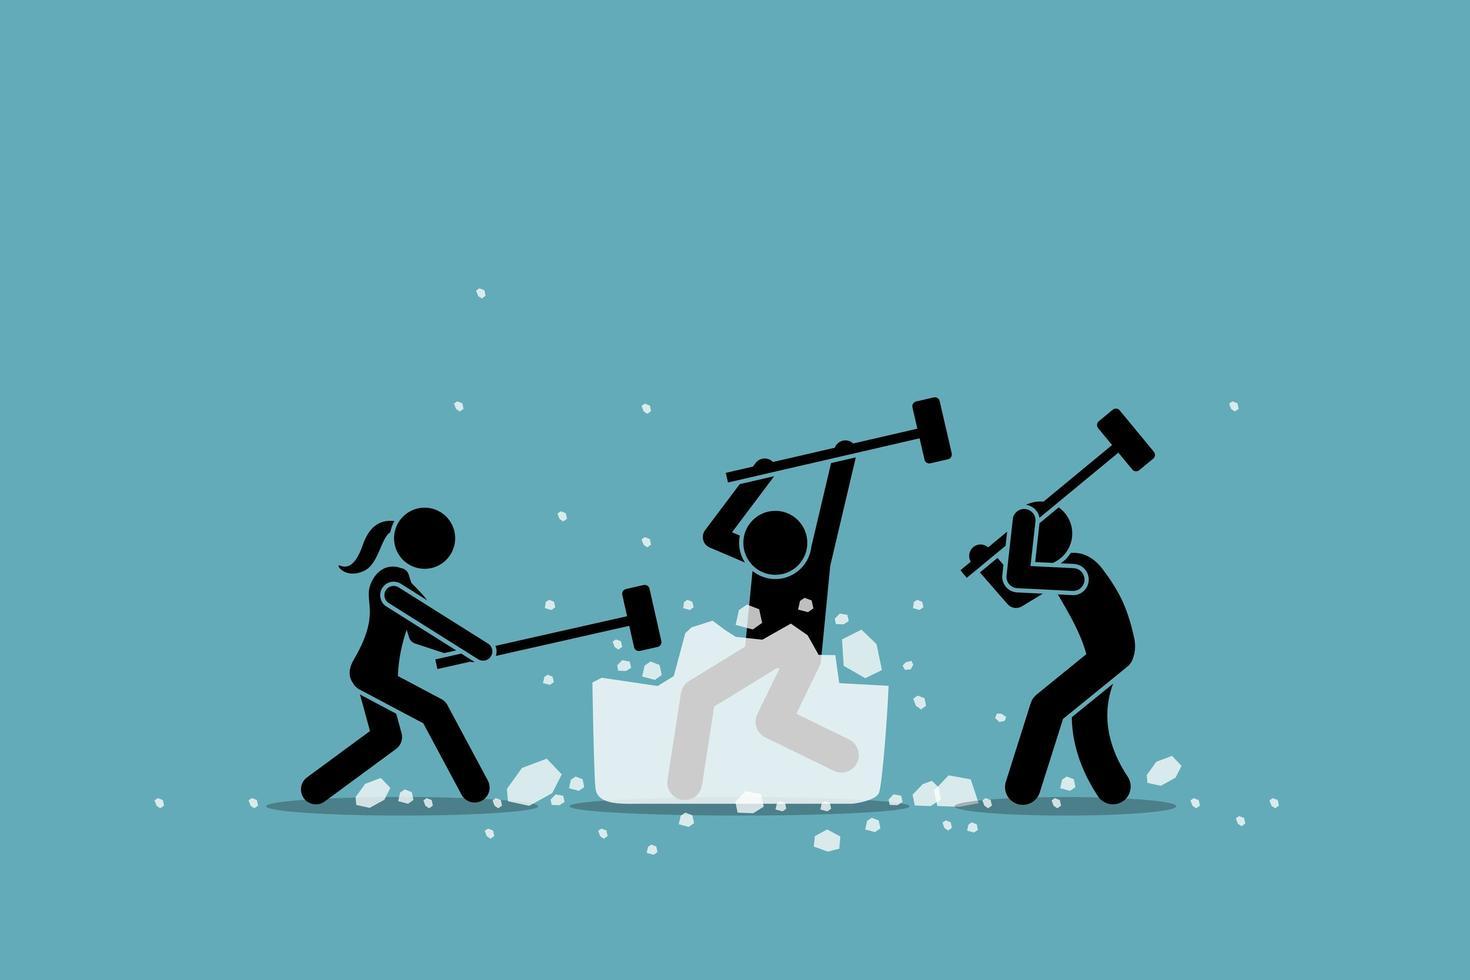 atividade, jogo e evento para quebrar o gelo ou quebra-gelo. vetor